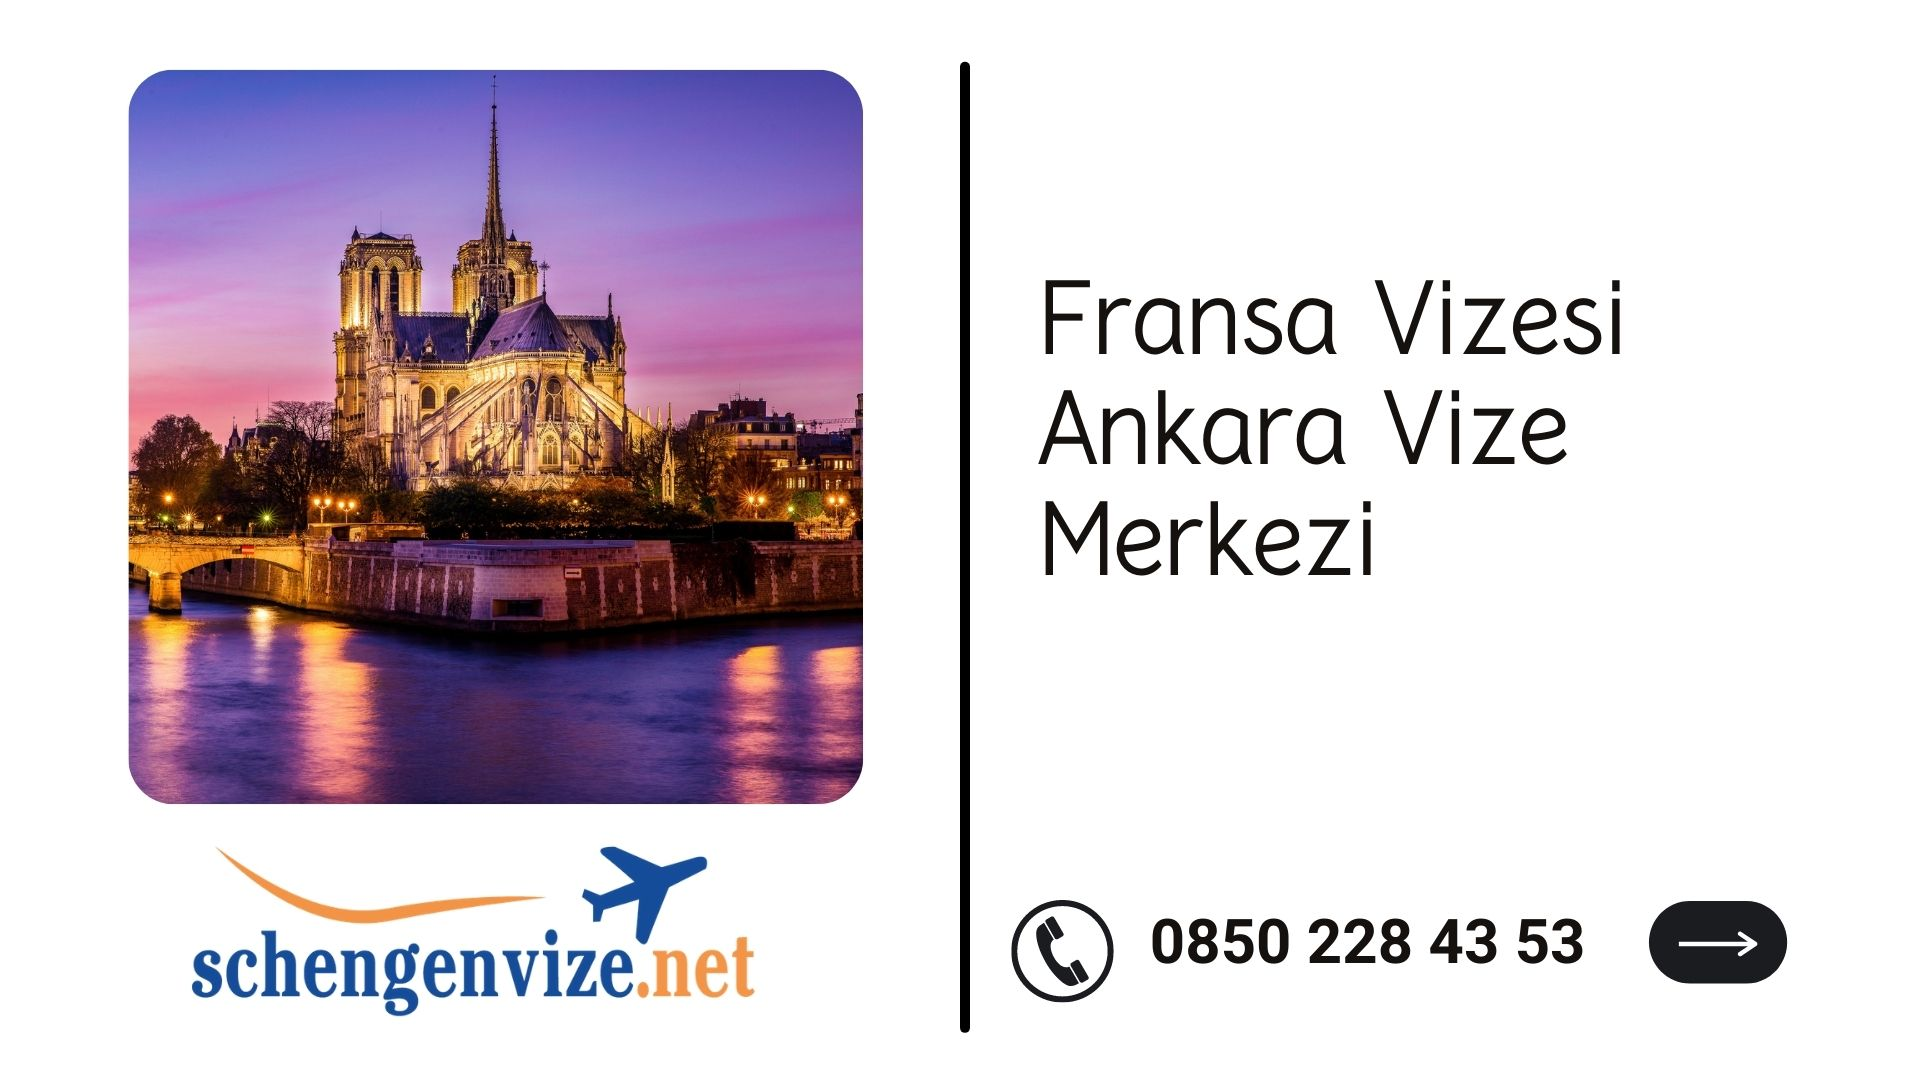 Fransa Vizesi Ankara Vize Merkezi